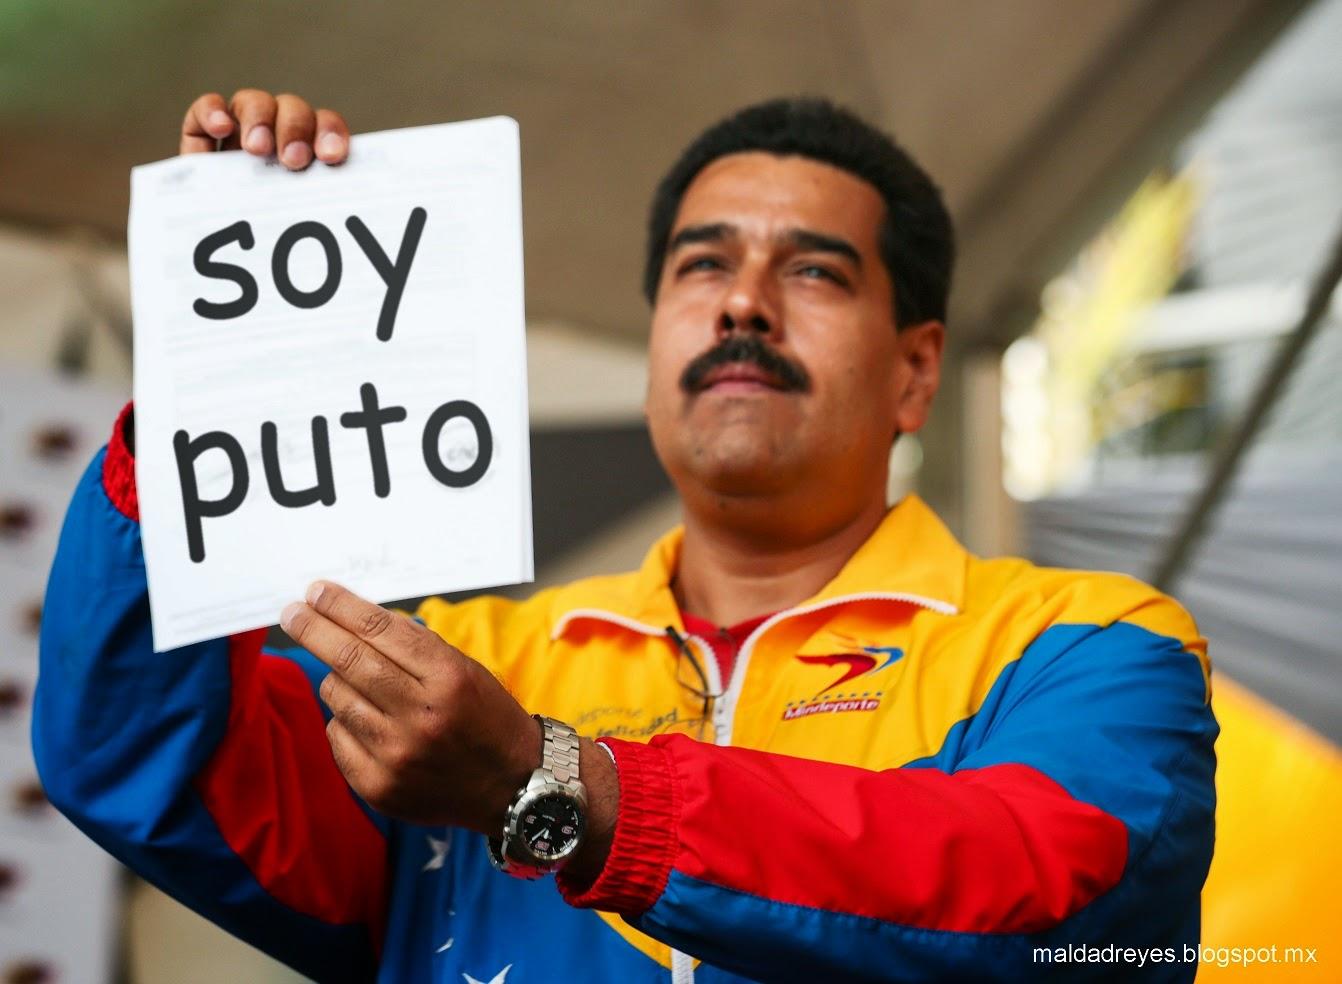 Las frases que inmortalizaron a Hugo Chávez | Noticias